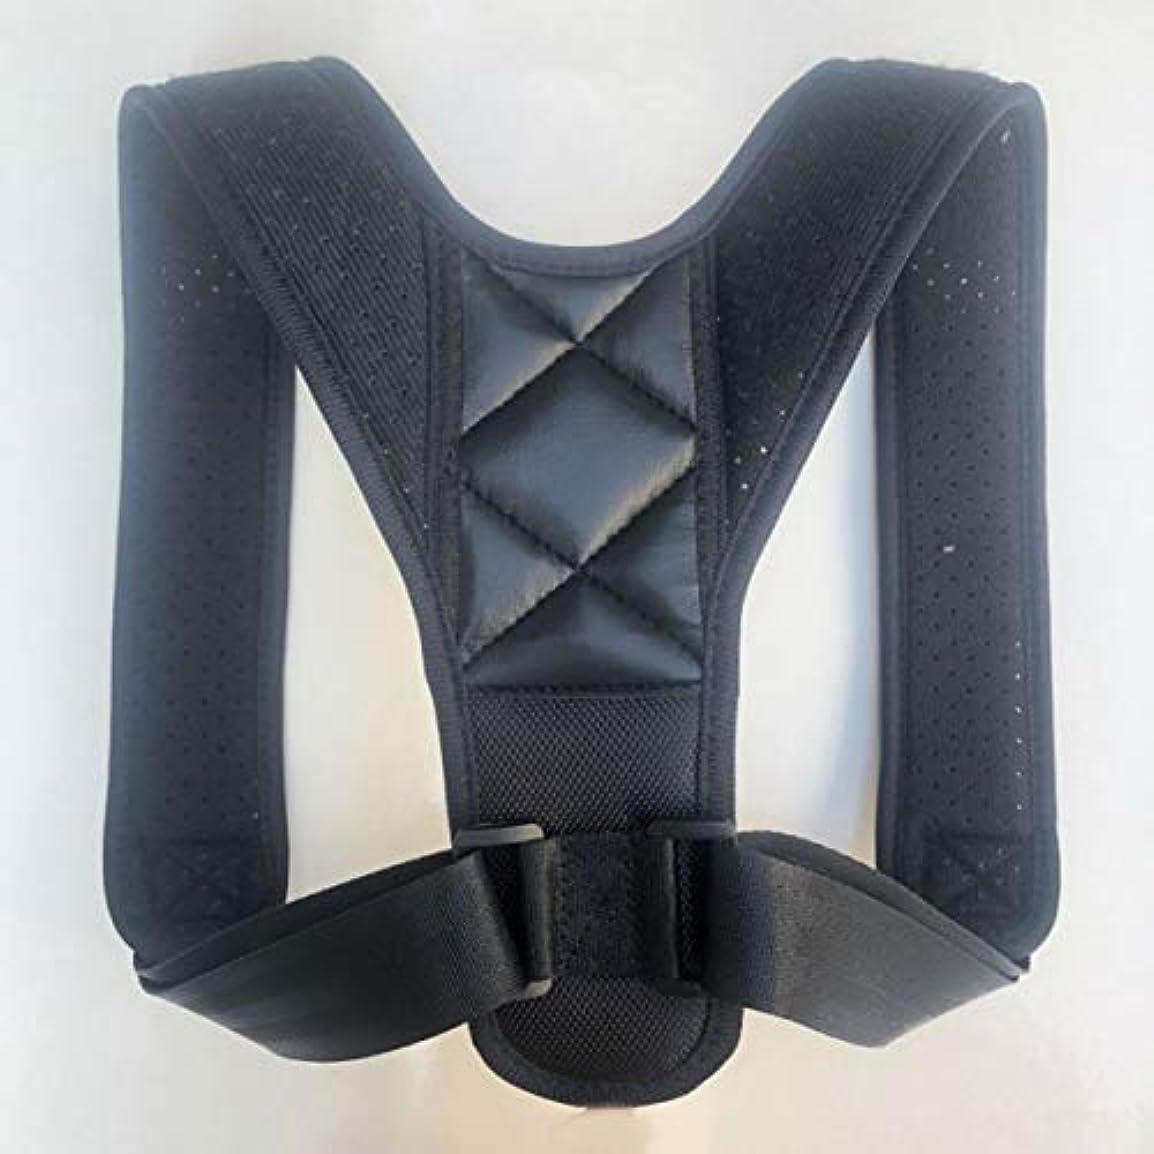 王女ライフル二度アッパーバックポスチャーコレクター姿勢鎖骨サポートコレクターバックストレートショルダーブレースストラップコレクター - ブラック